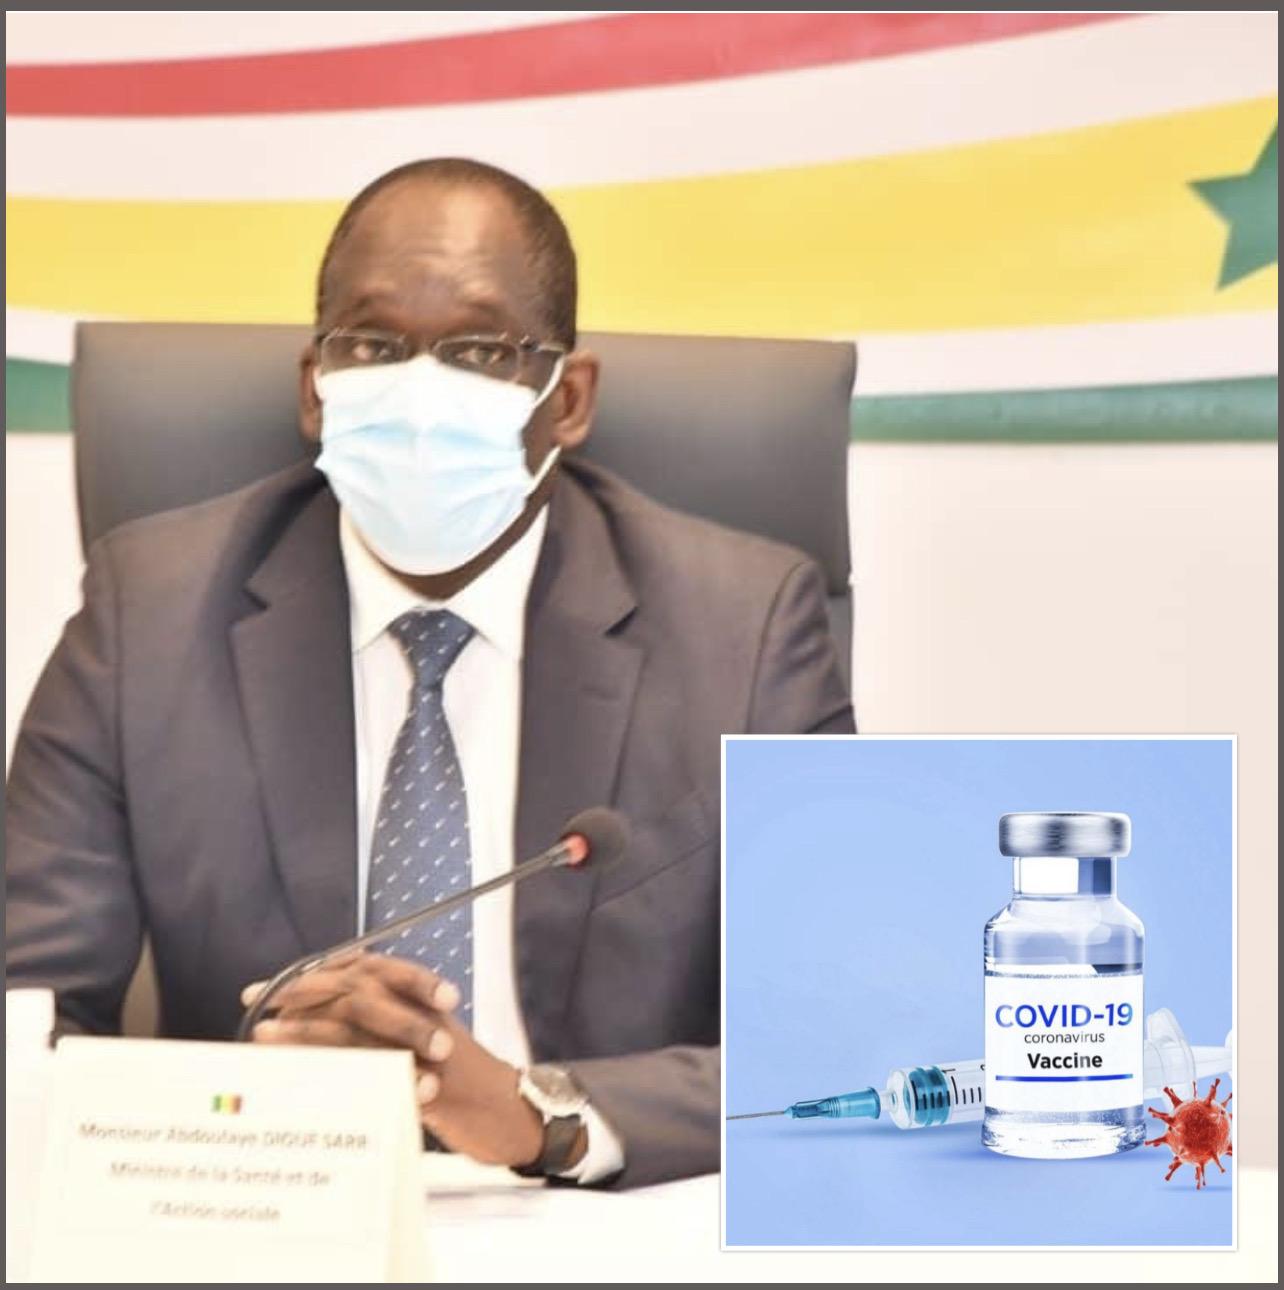 Spéculation sur le vaccin contre la Covid-19 : «Il faut que les gens reviennent à la raison. Toutes les conditions de sécurité seront de mise» (Abdoulaye Diouf Sarr)